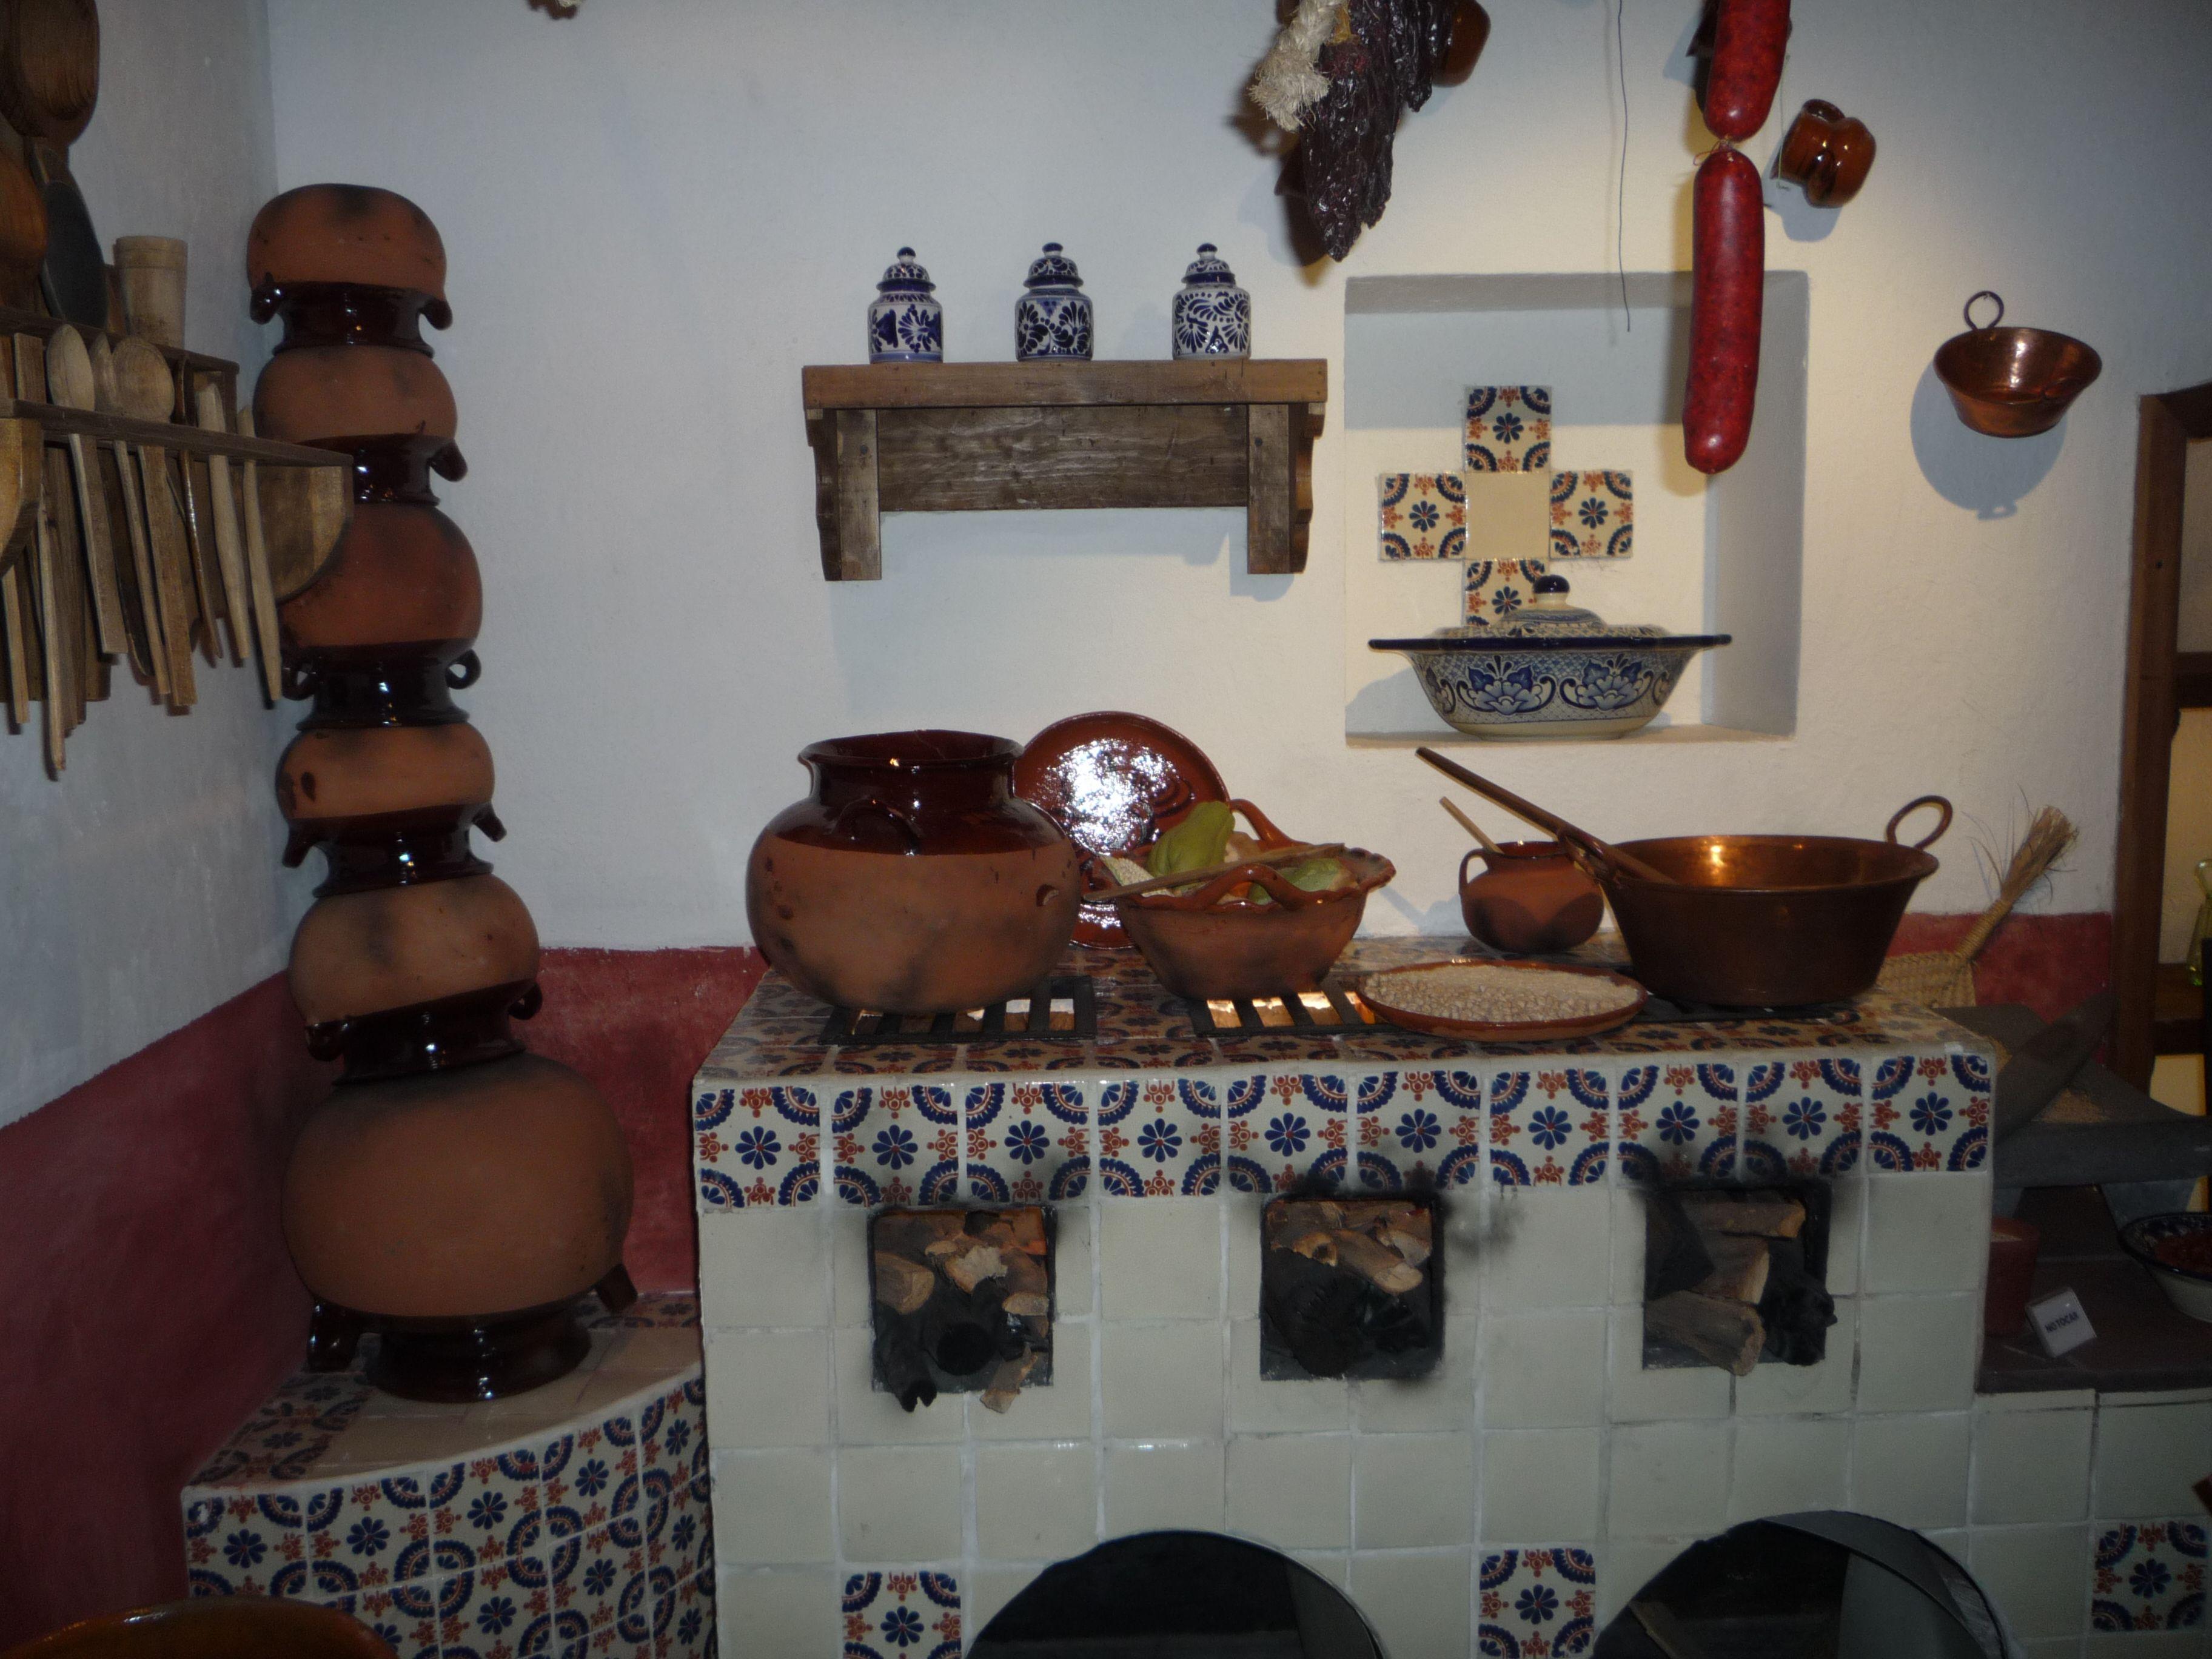 Cocina tradicional mexicana  Cocinas Rsticas  Pinterest  Mexican kitchens Mexicans and Haciendas